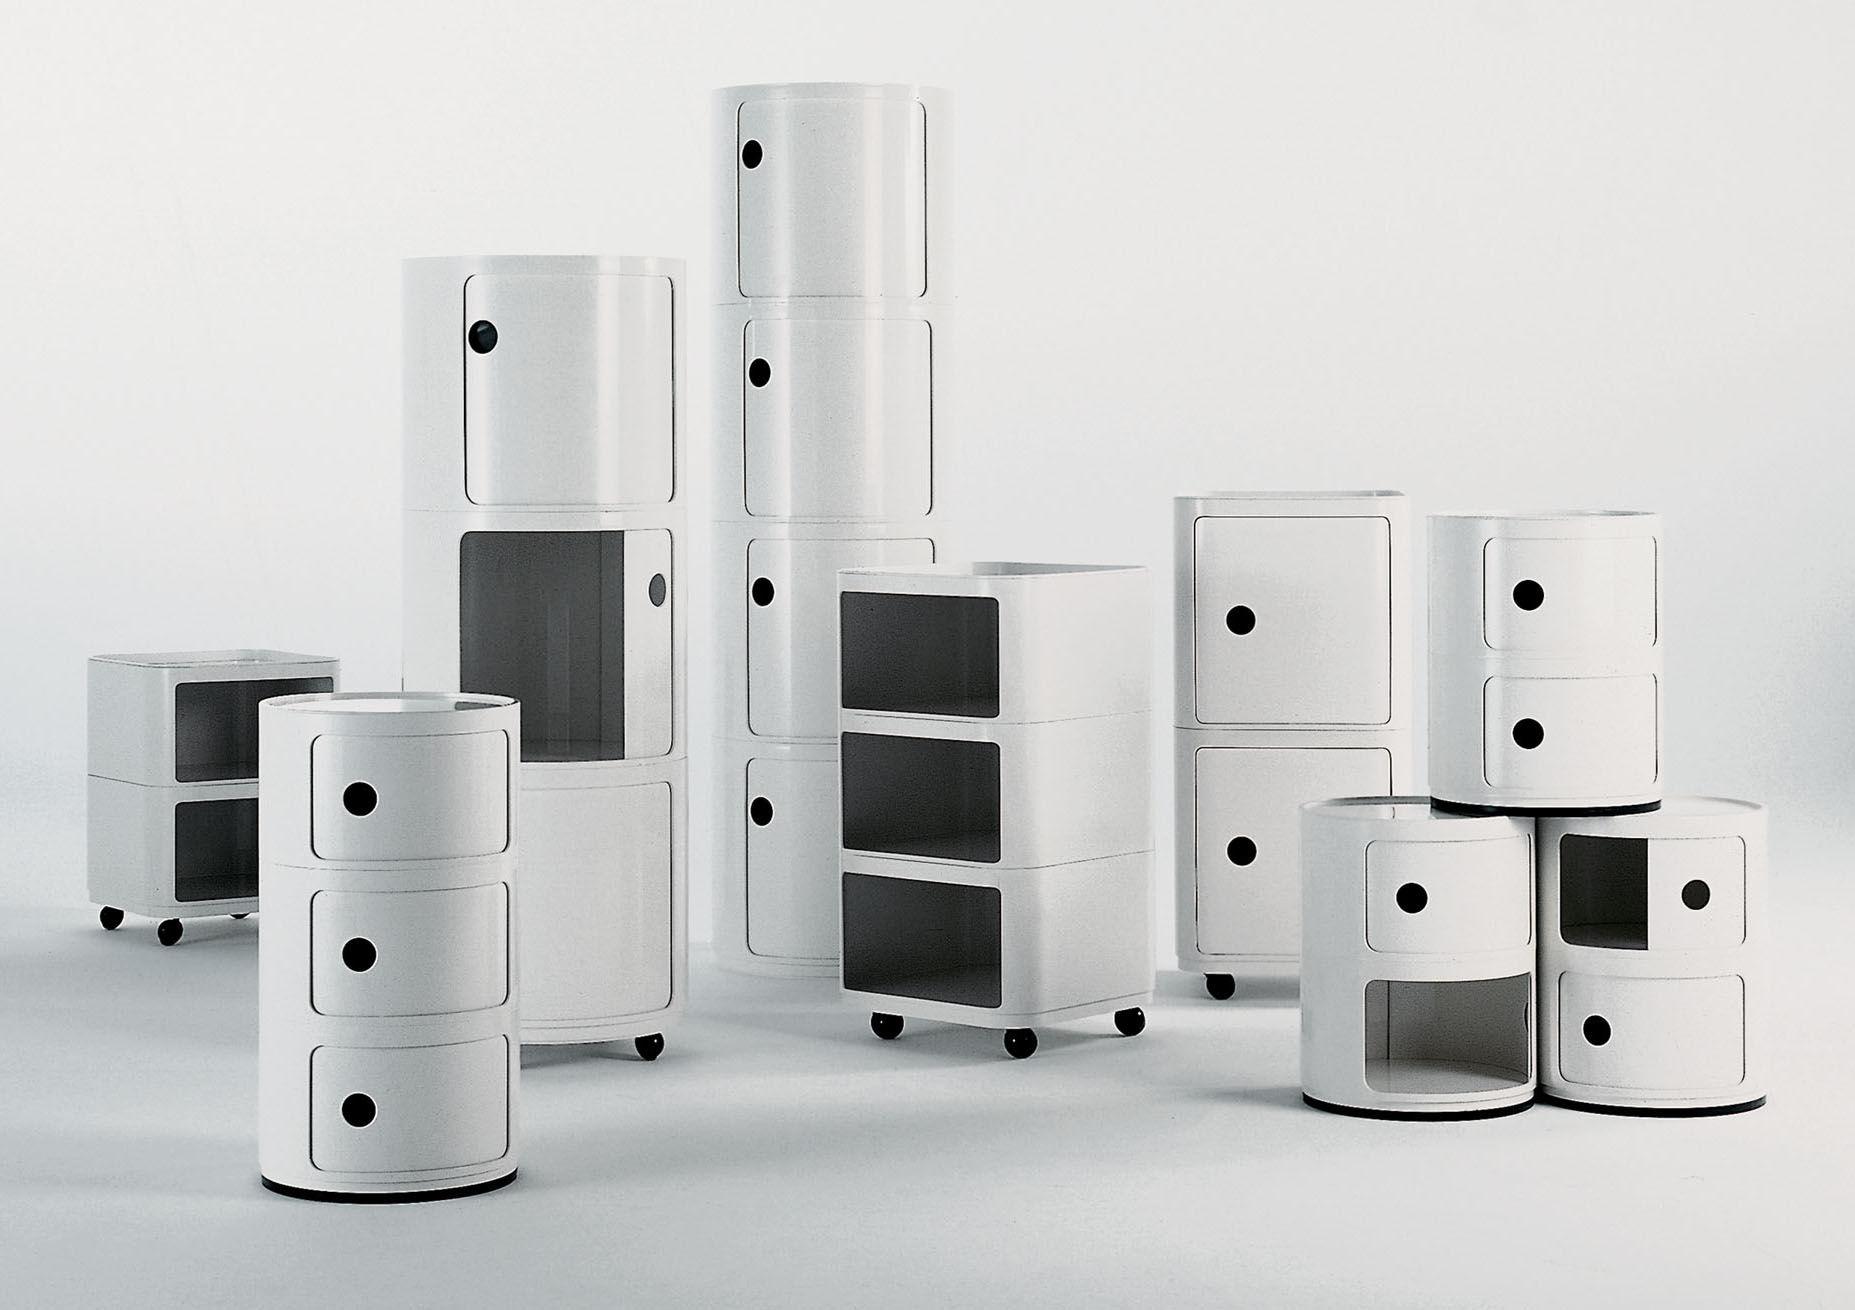 Scopri portaoggetti componibili nero di kartell made in design italia - Chevet kartell componibili ...